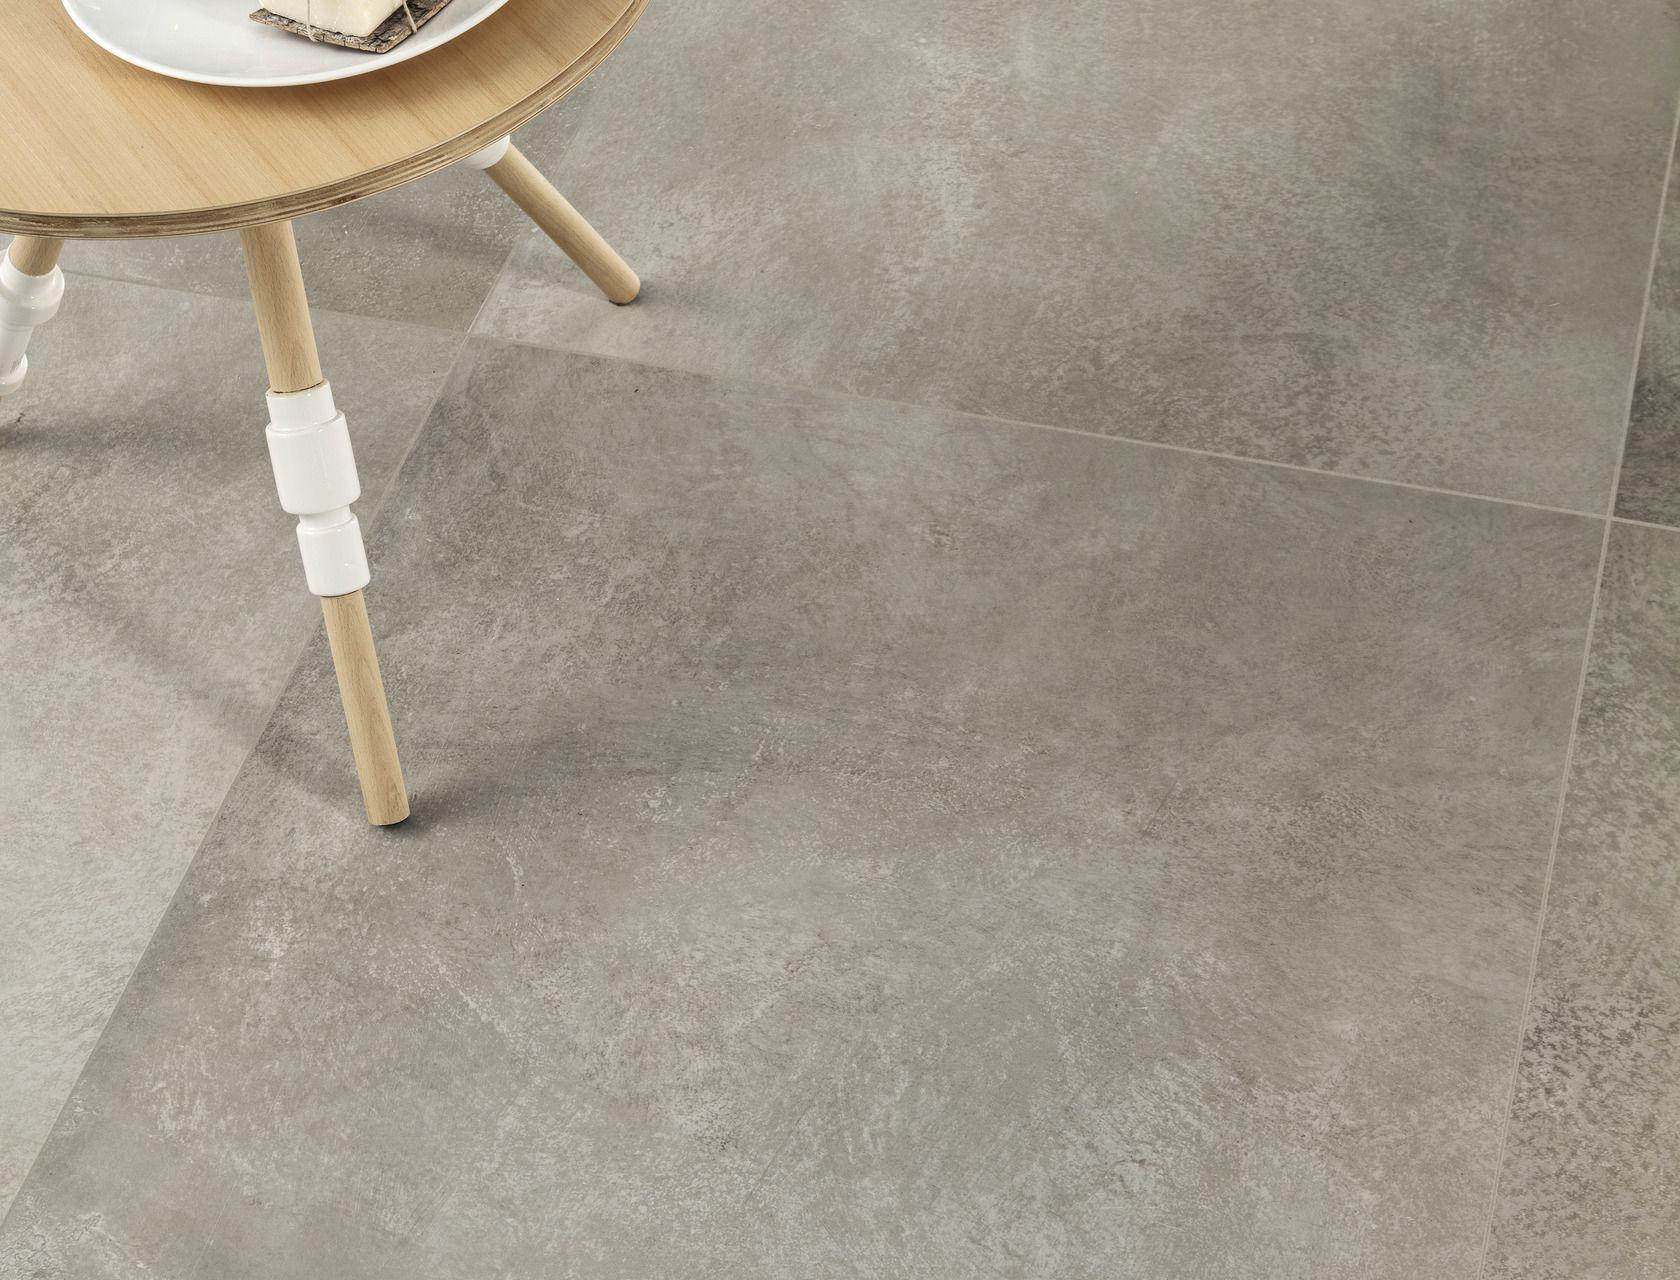 Pavimenti In Cemento Resina : Come lucidare pavimenti in cemento lucidatura levigatura